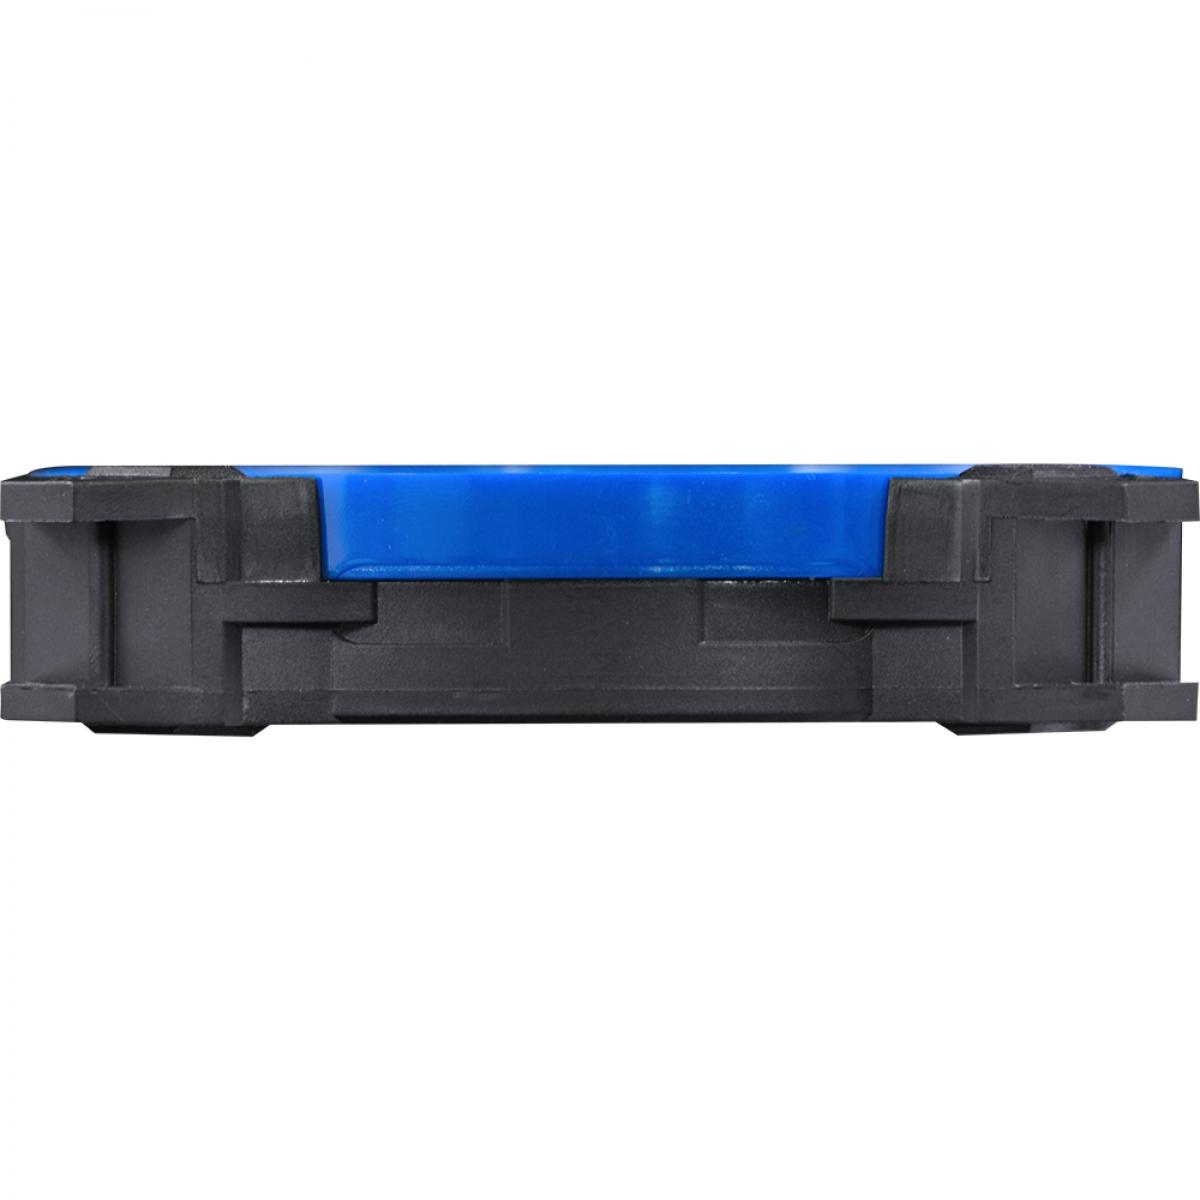 Cooler para Gabinete Pcyes Calafrio Rings 120MM FCAL120ANCL COM ANÉIS COLORIDOS INTERCAMBIÁVEIS